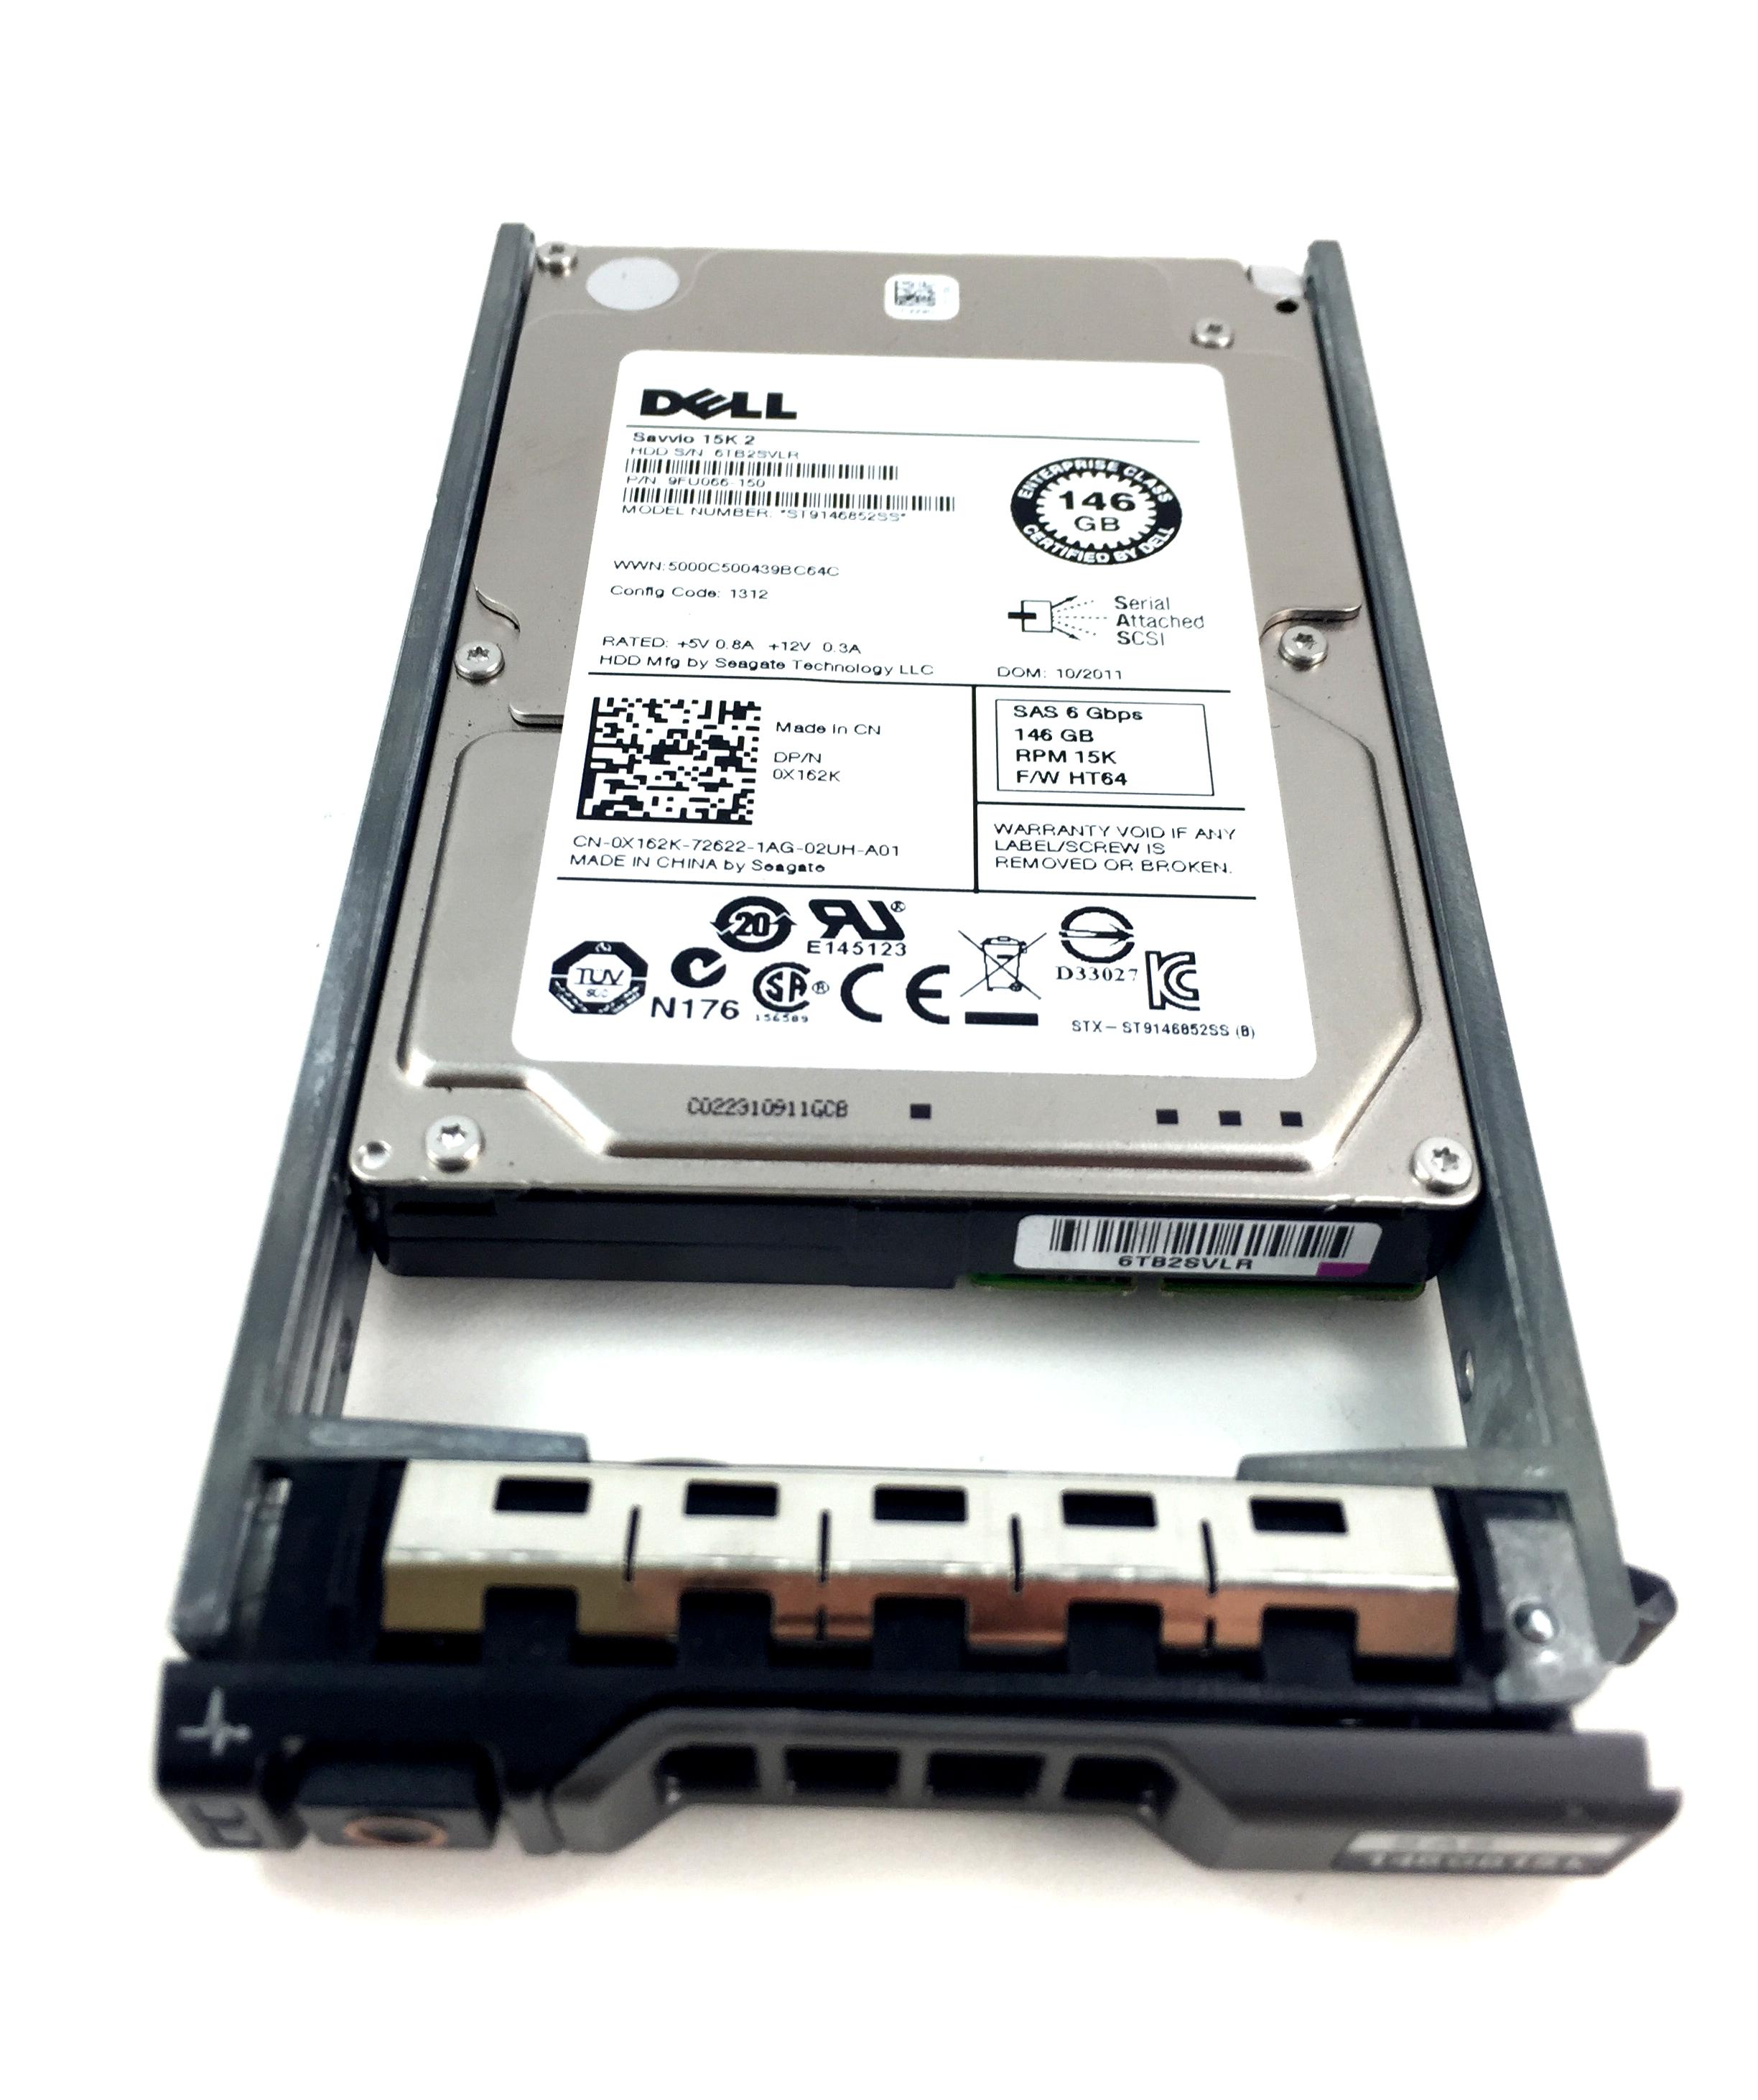 DELL 146GB 15K 6GBPS SAS 2.5'' HARD DRIVE (X162K)